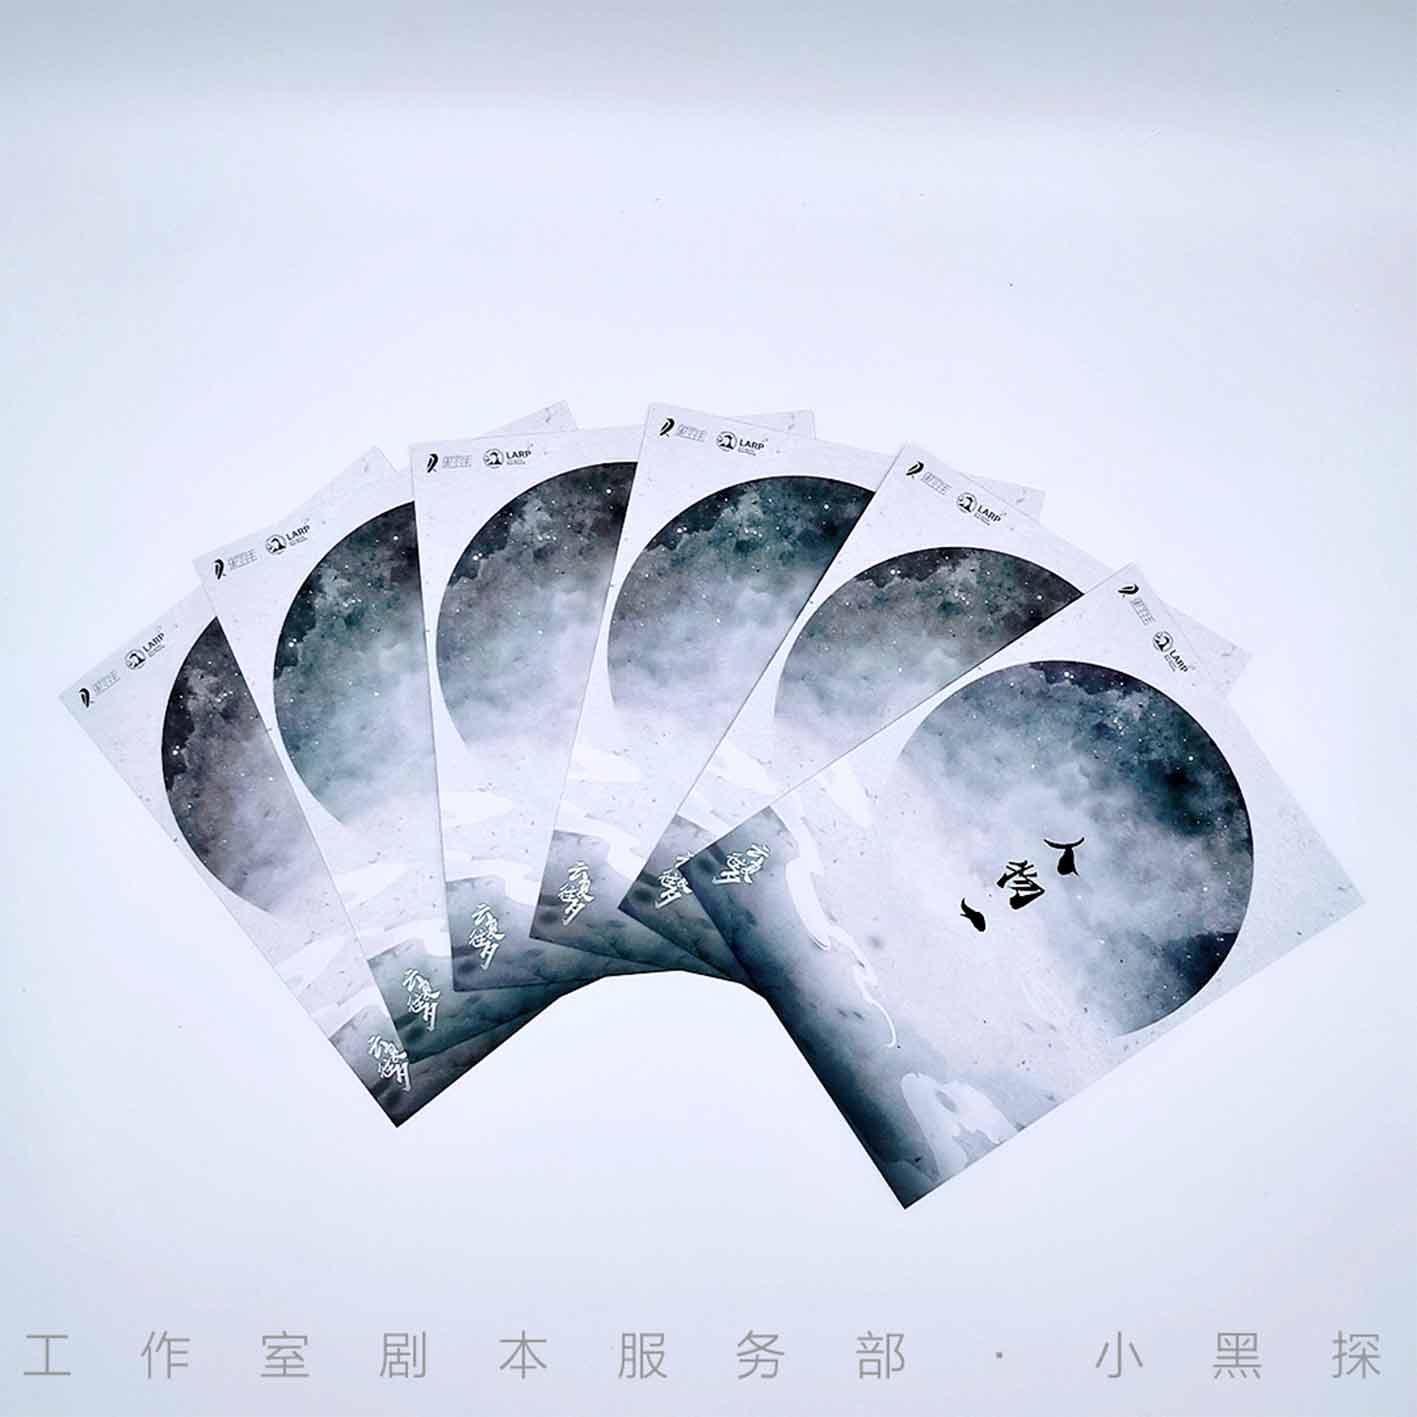 『云复往夕』剧本杀复盘_答案_推凶线索_真相解析